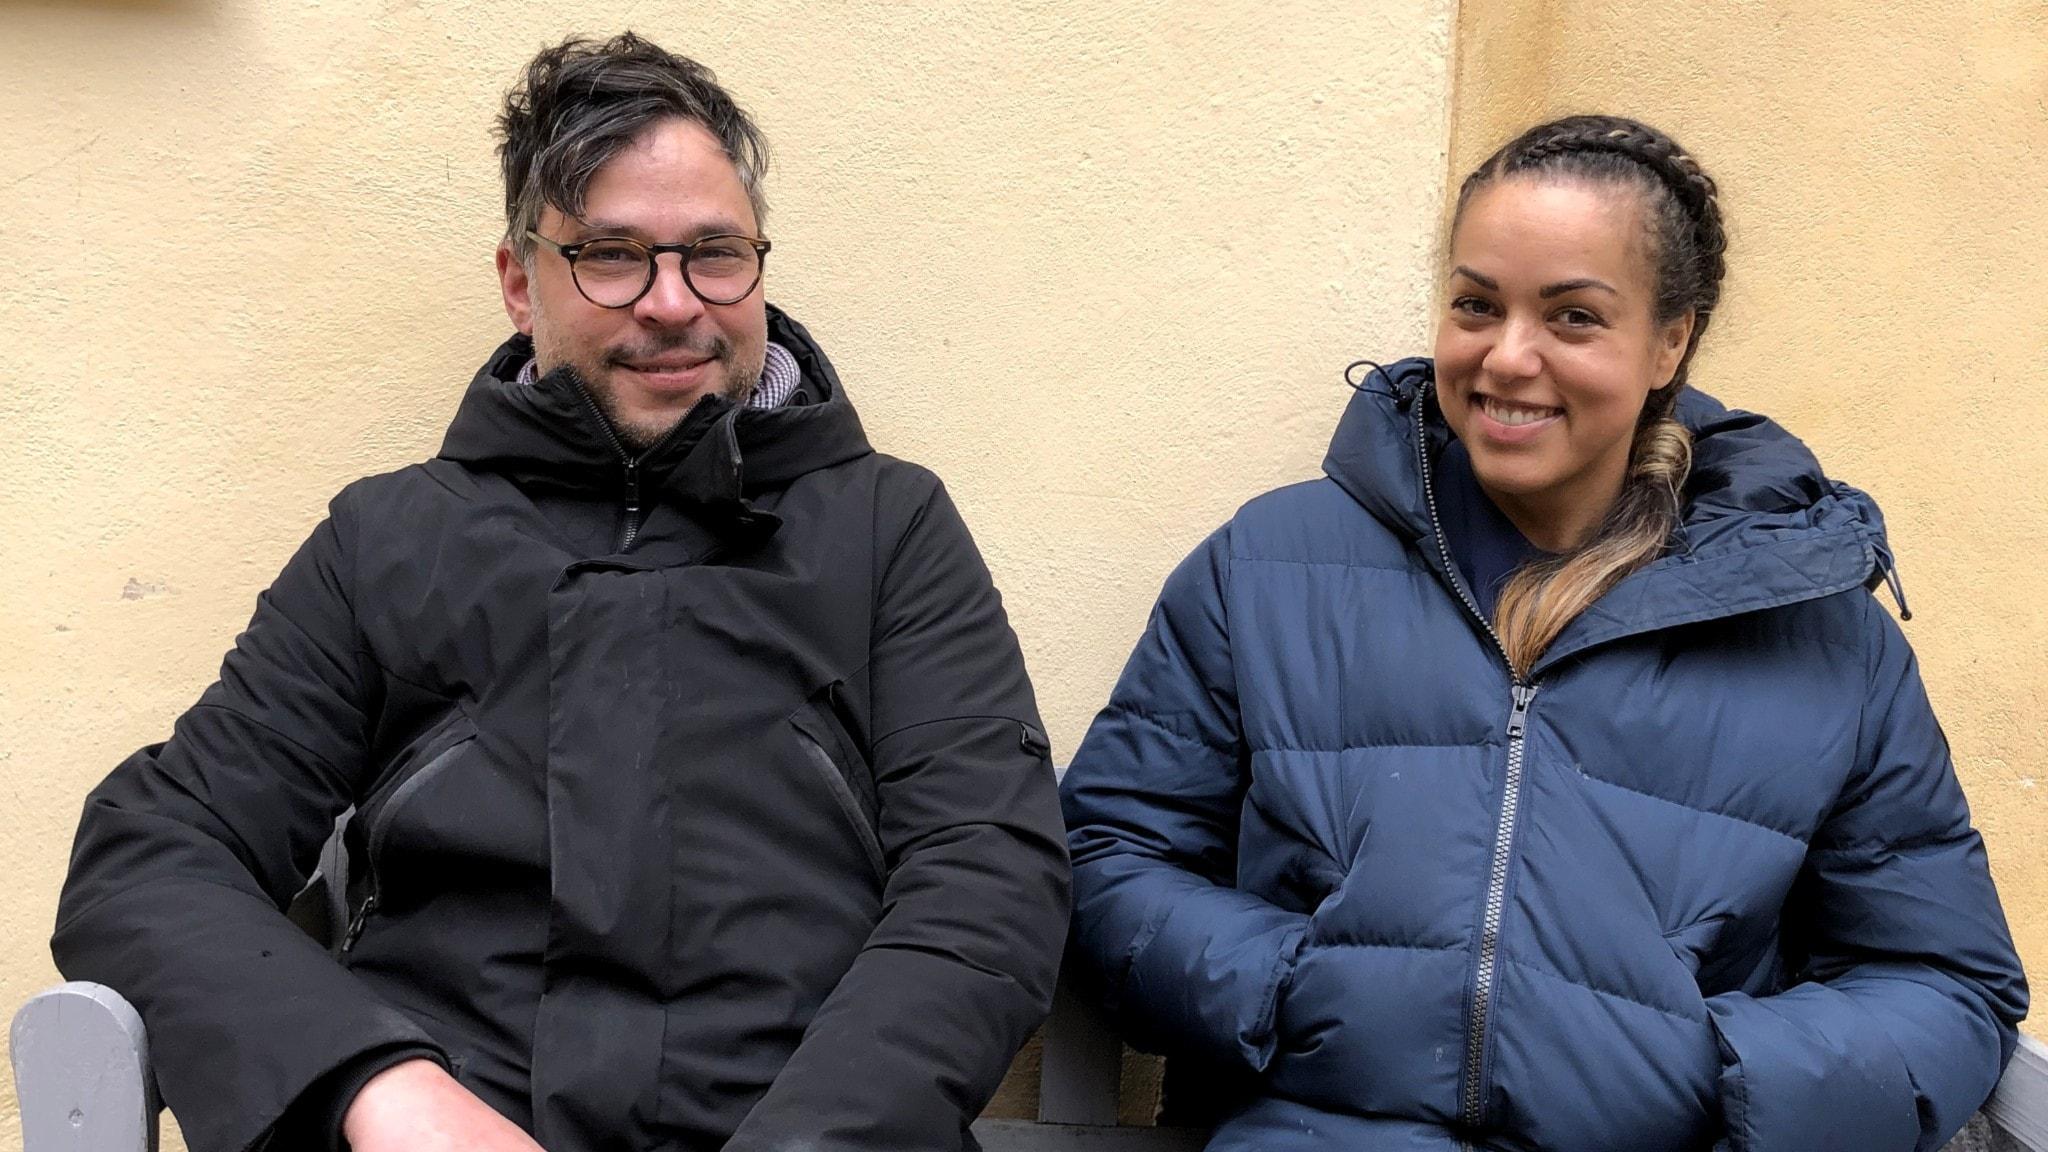 Martin Wicklin och Elaine Eksvärd sitter bredvid varandra på en bänk.